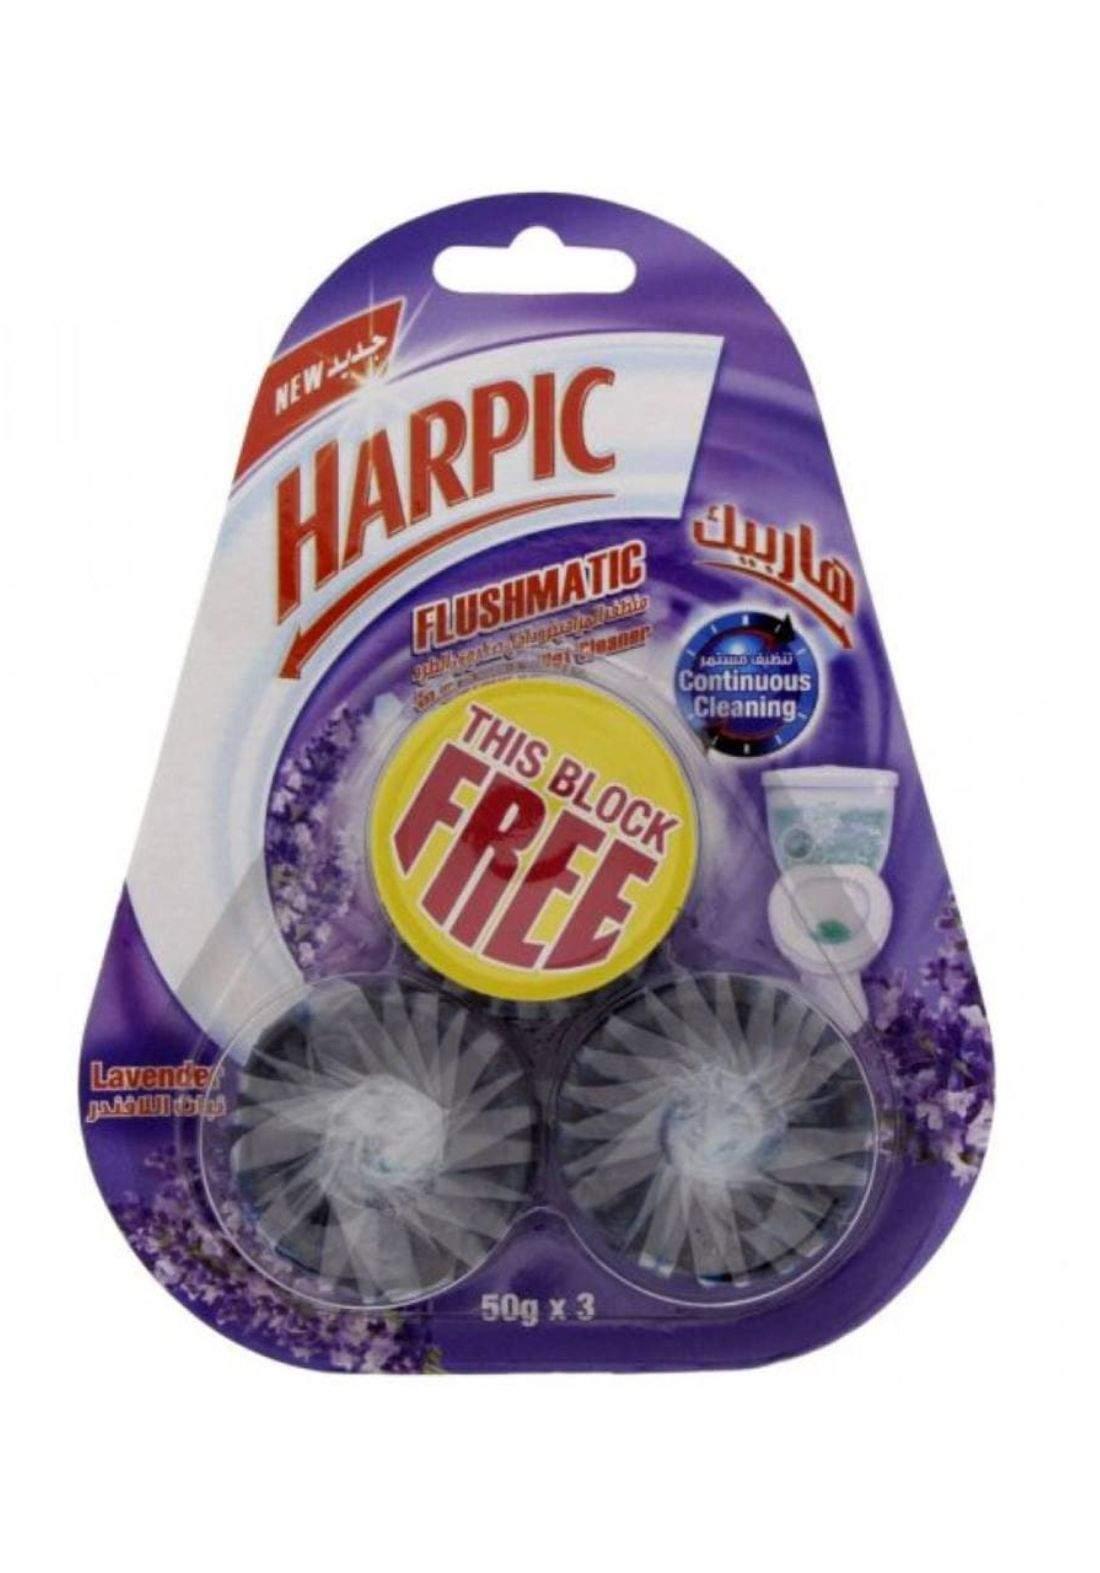 Harpic toilet cleaner 50gx3 هاربيك منظف المراحيض